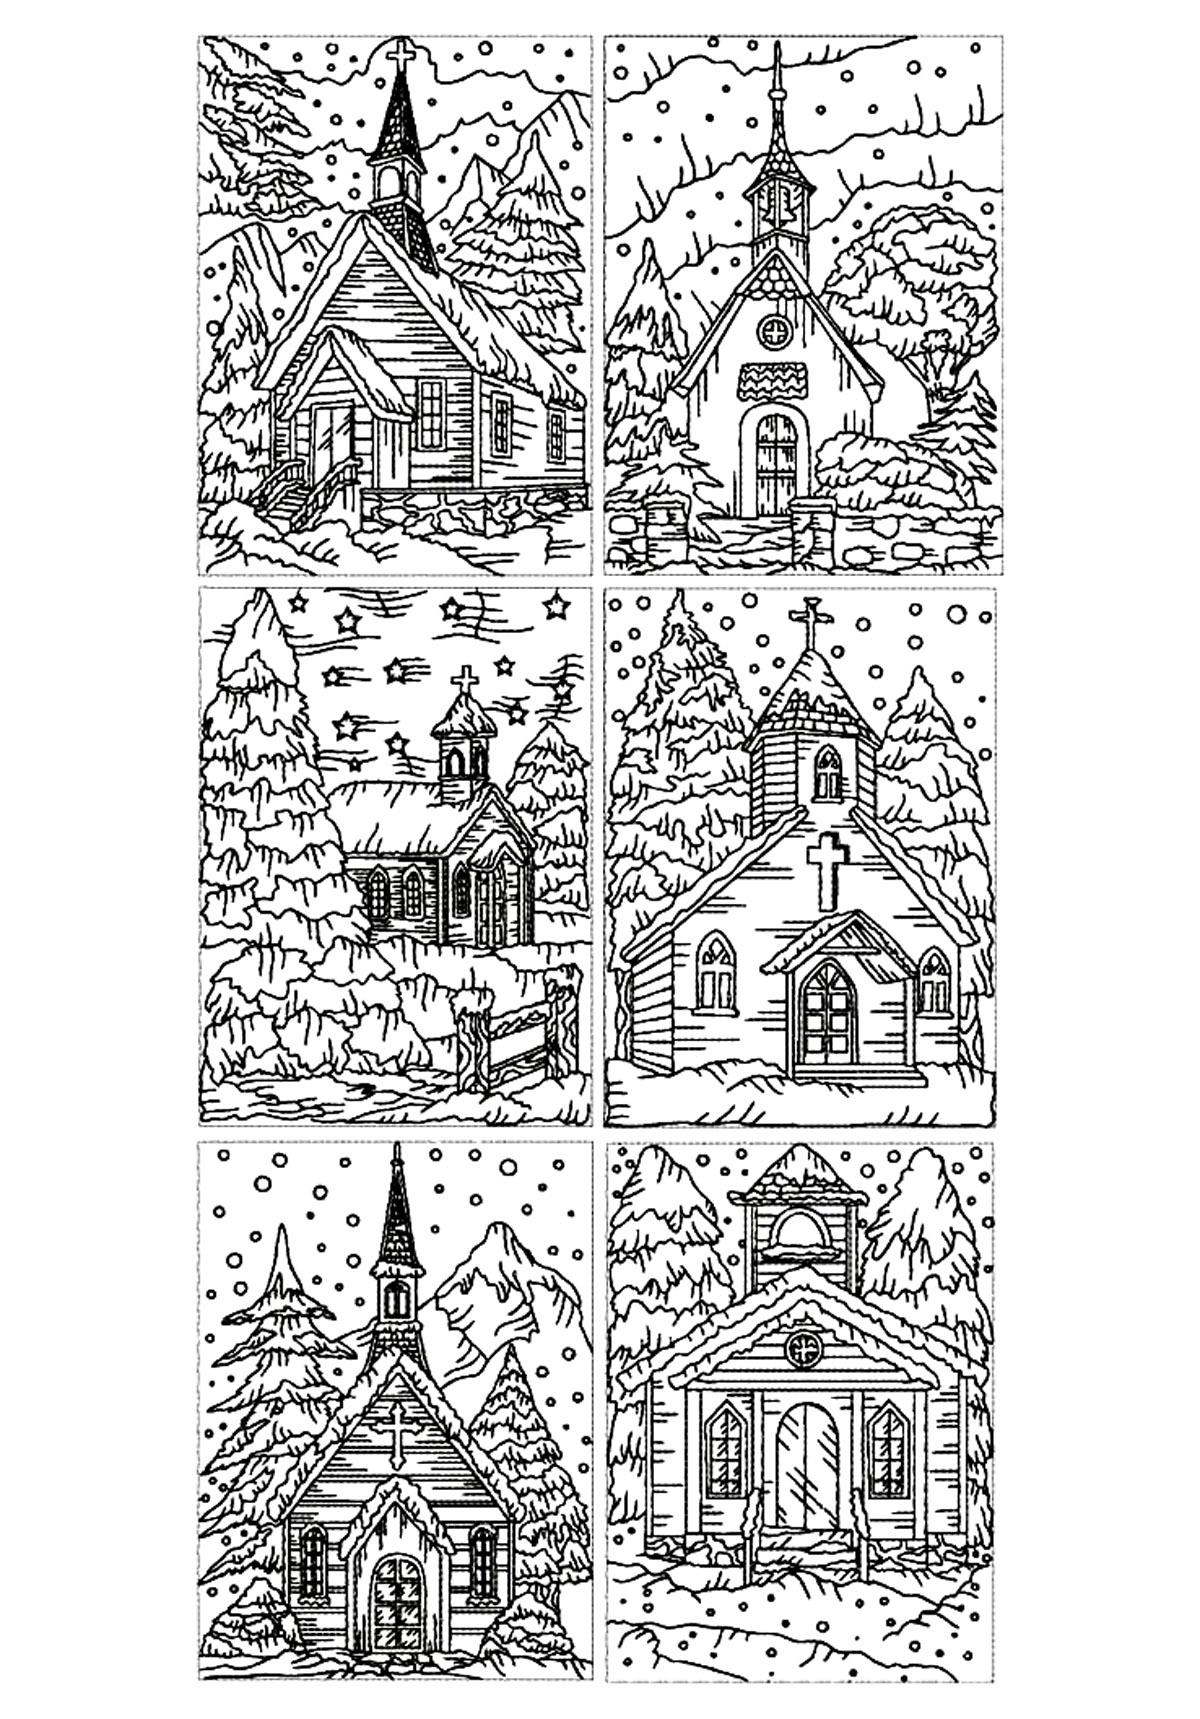 Disegni da colorare per adulti : Architettura & casa - 15